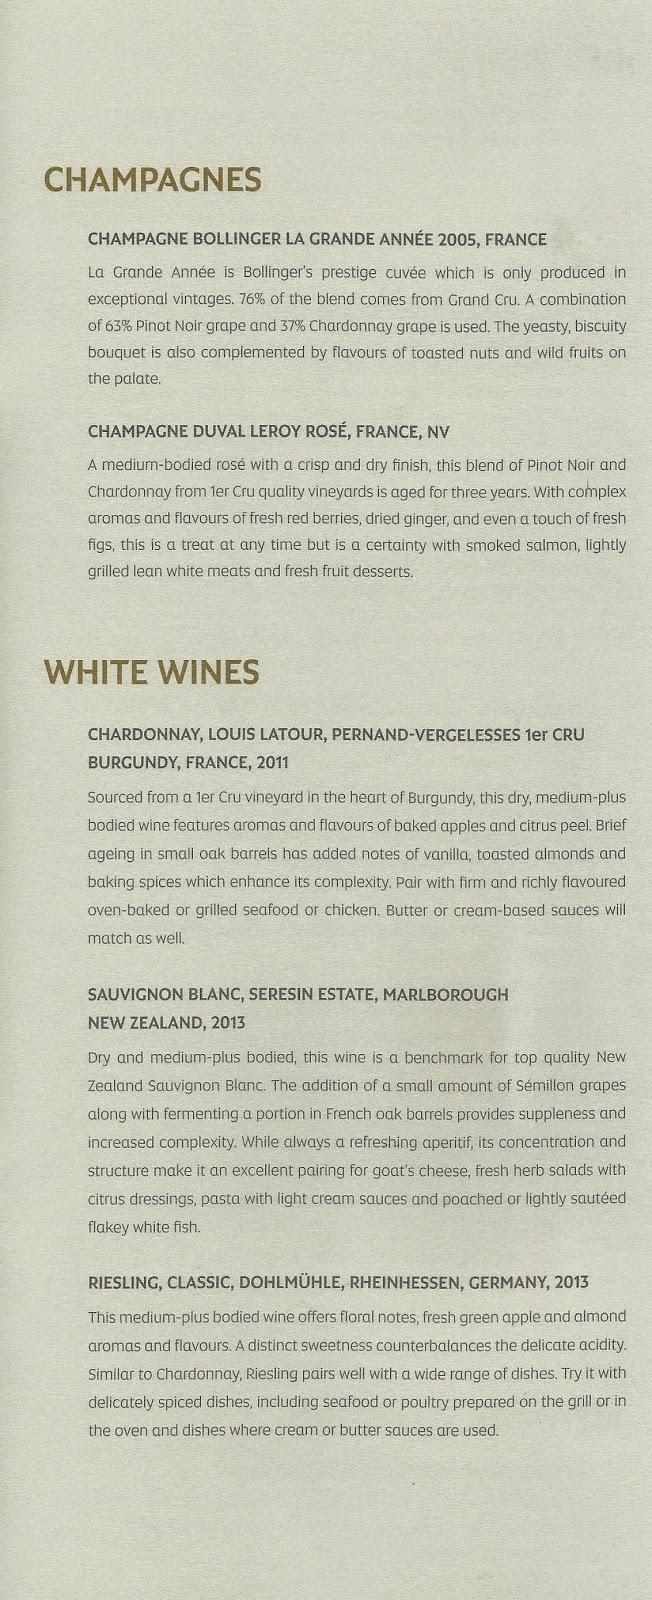 シャンパンとホワイトワイン